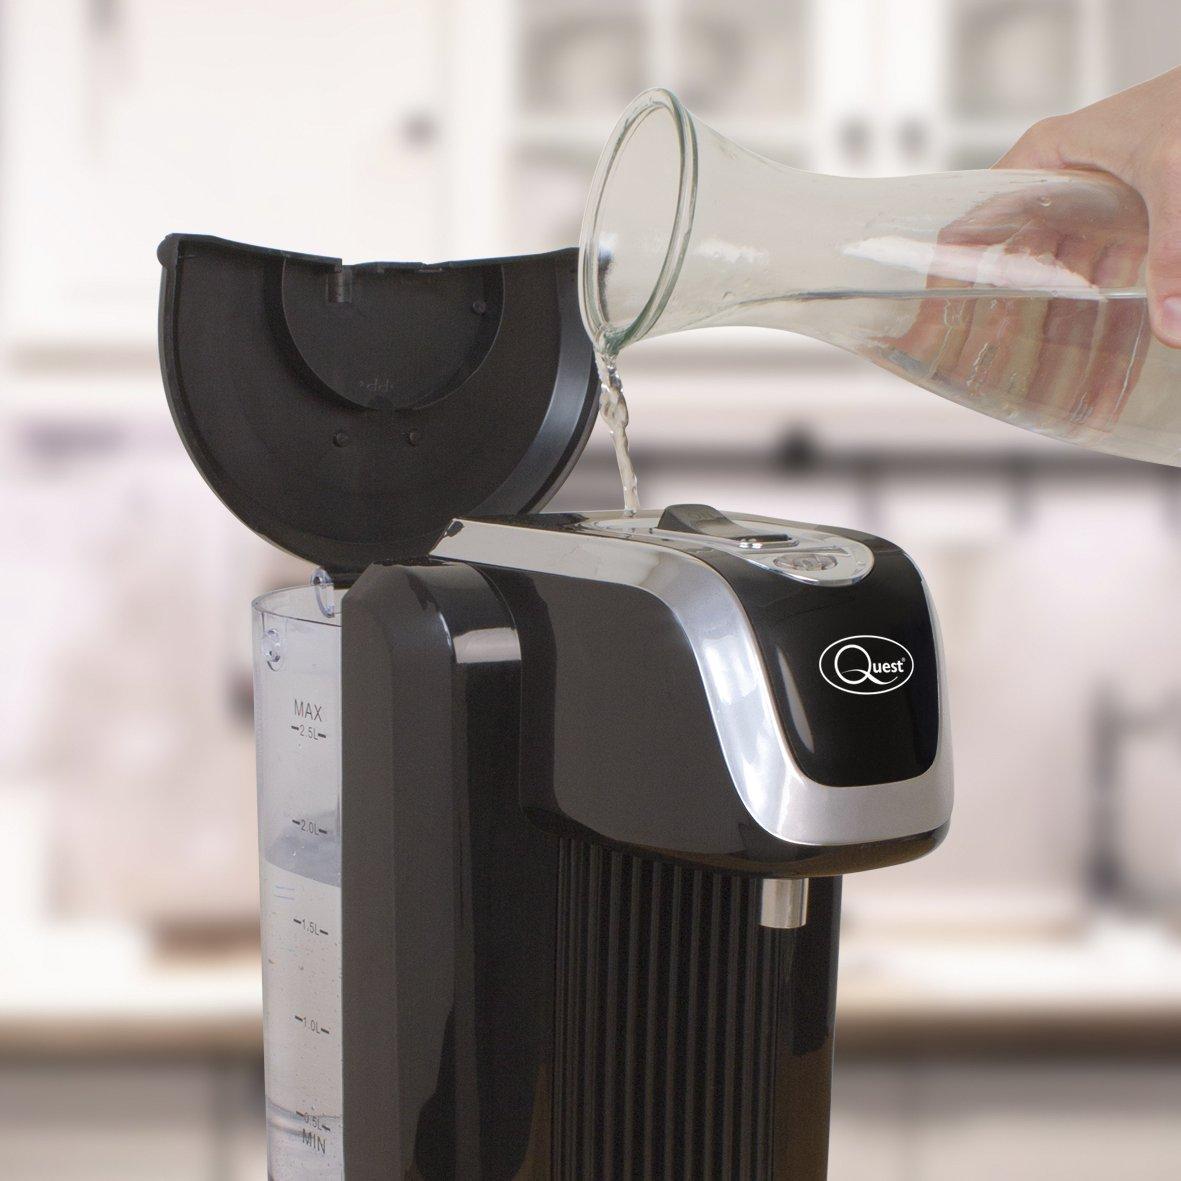 即热式饮水机桌面台式家用小型迷你智能全自动速热开水机 2